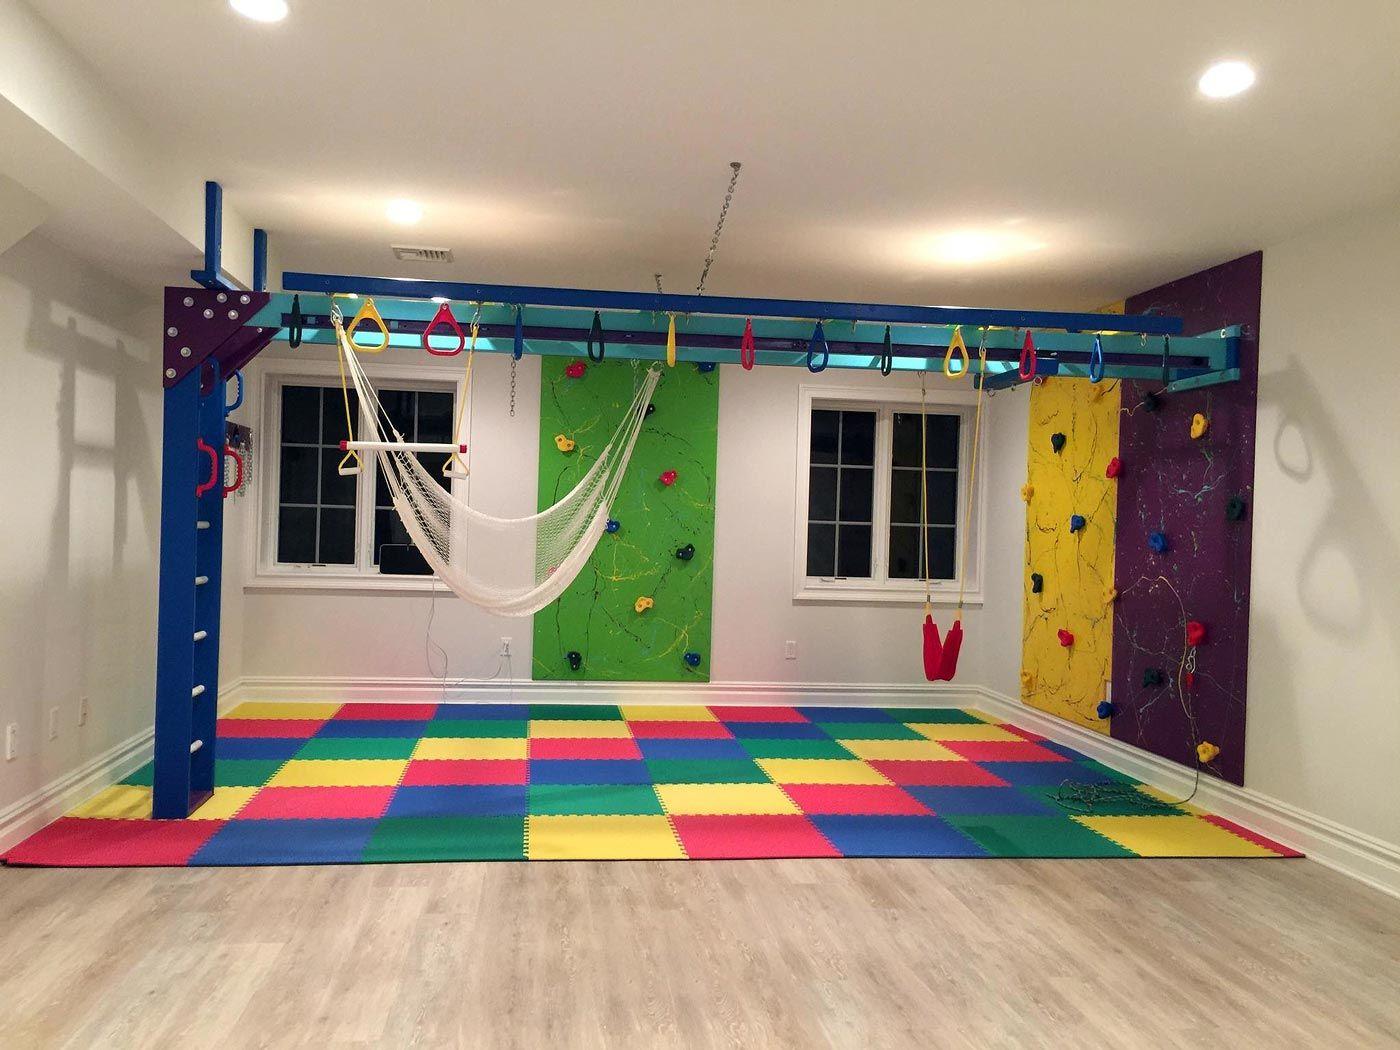 Basement In New Jersey Kids Basement Basement Playroom Indoor